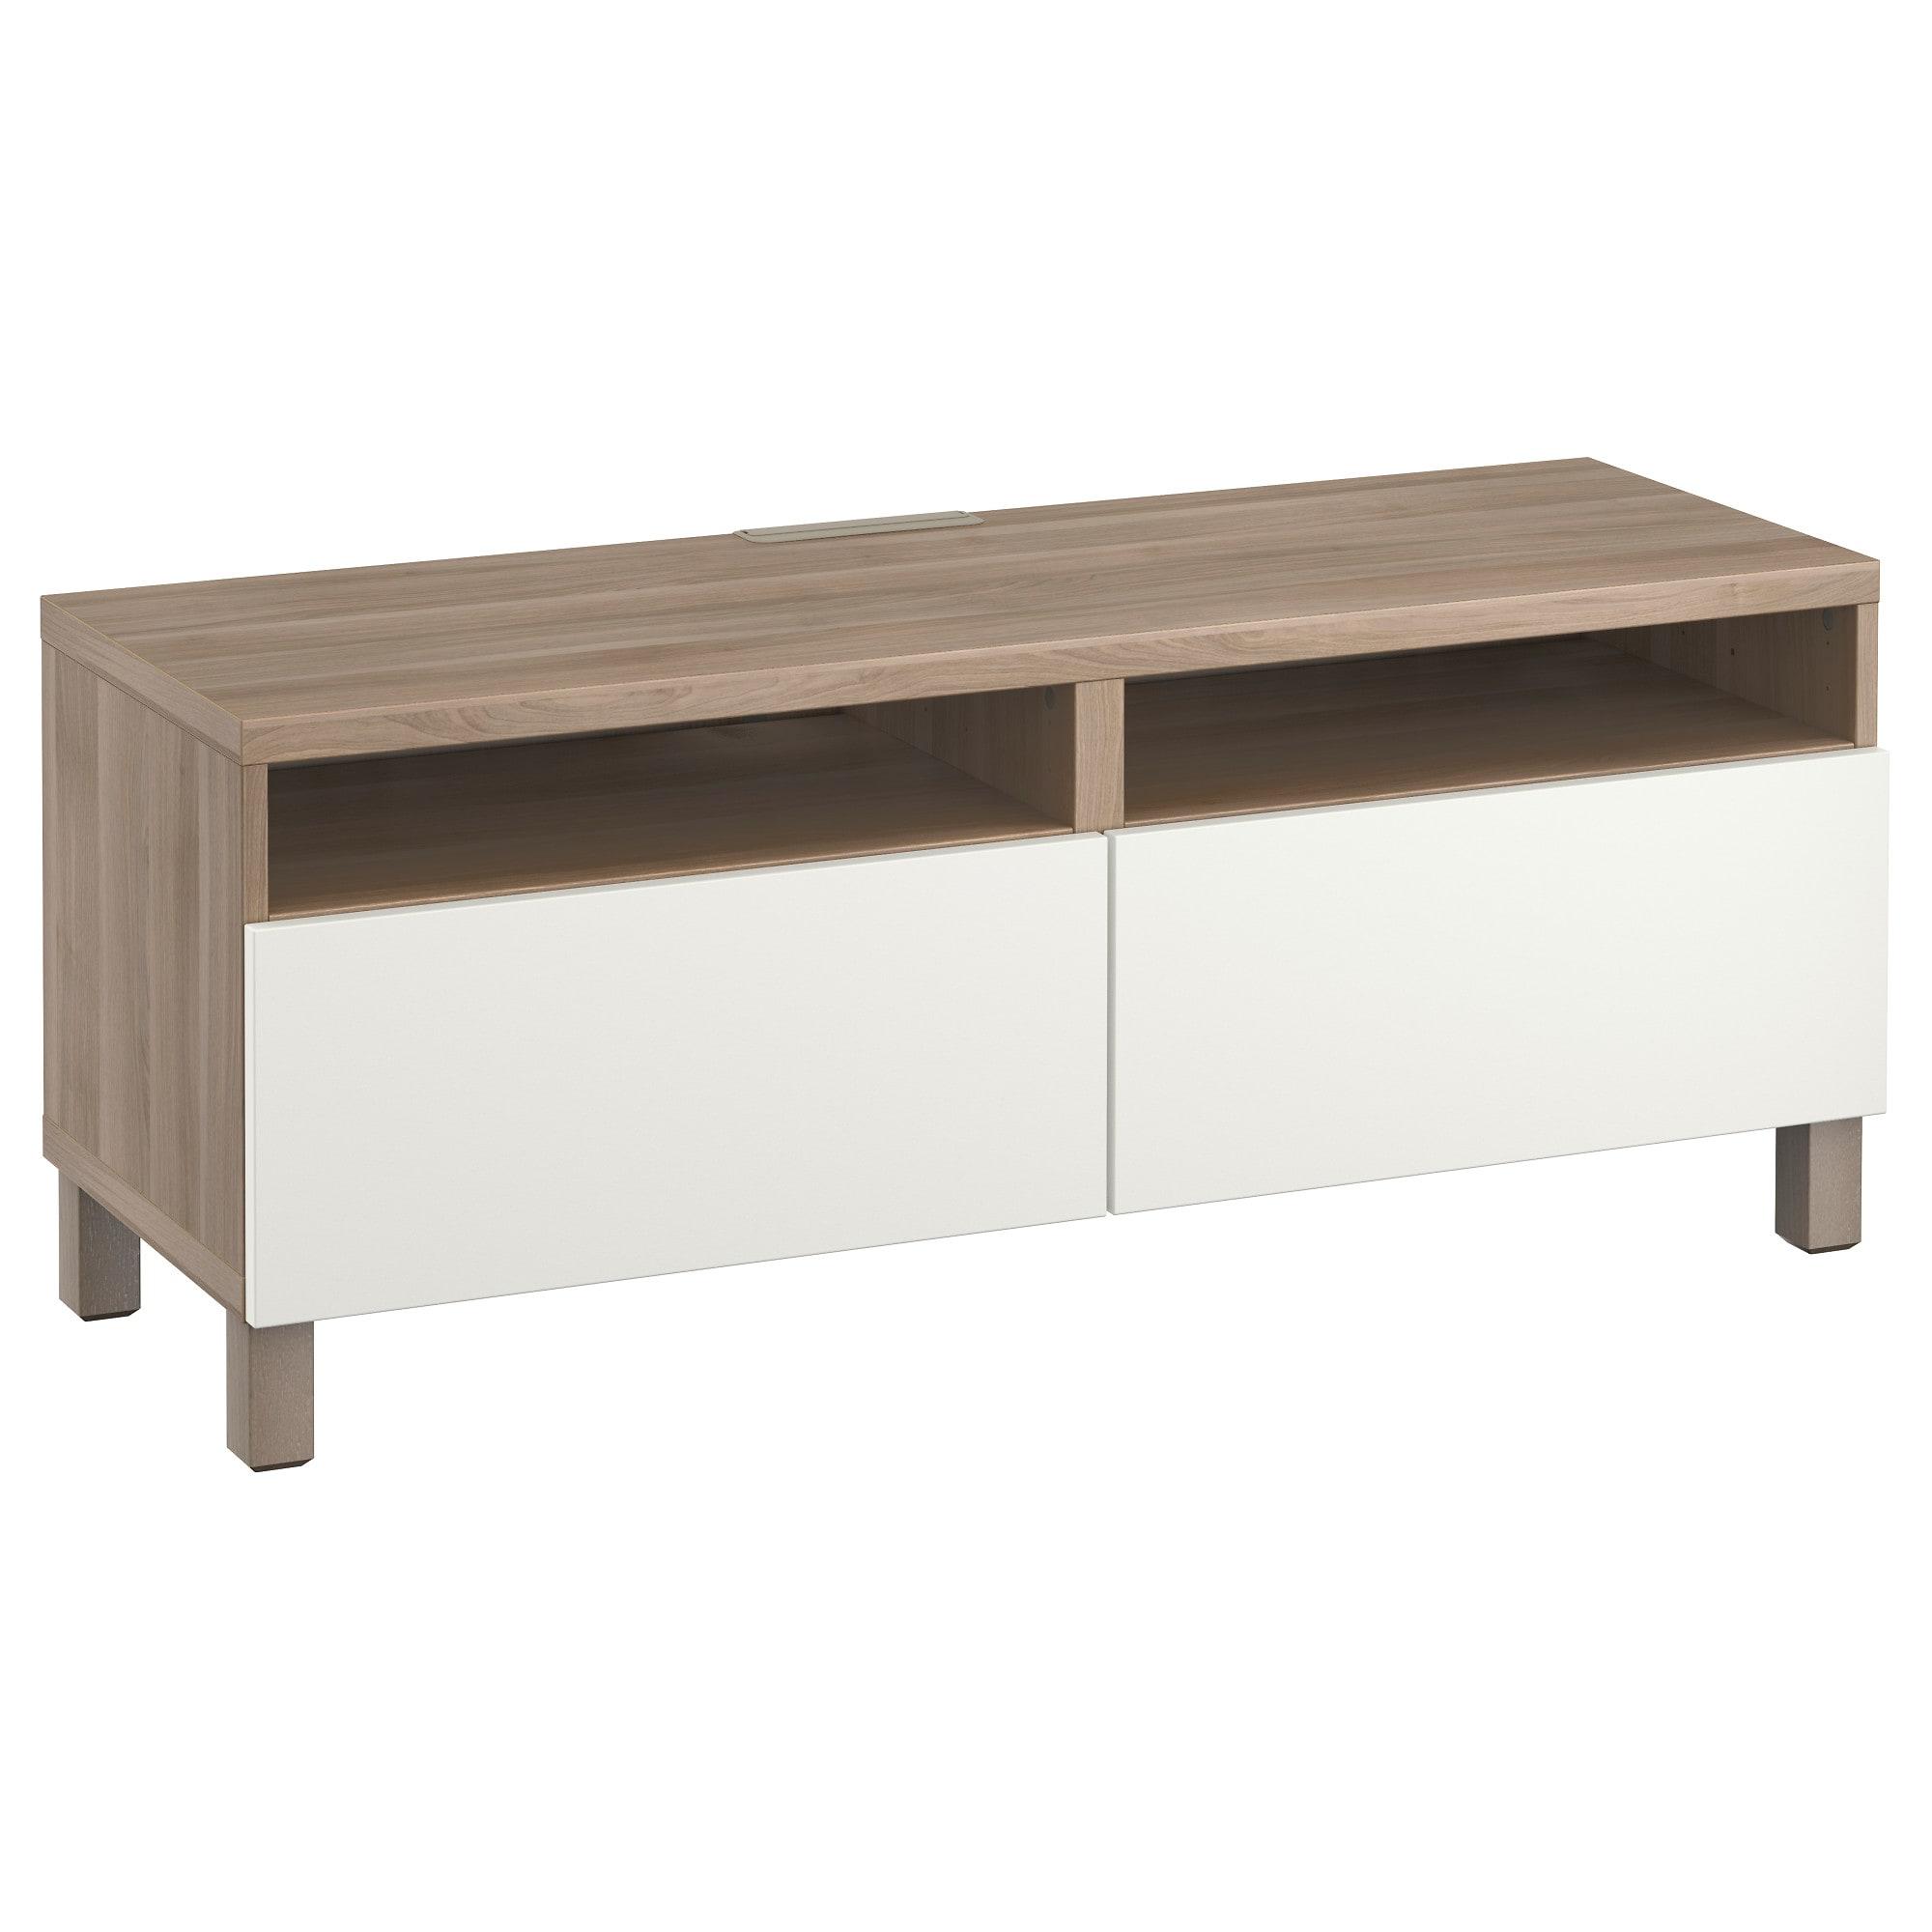 Mueble Tv Con Ruedas Qwdq Muebles Y Bancos De Tv Pra Online Ikea